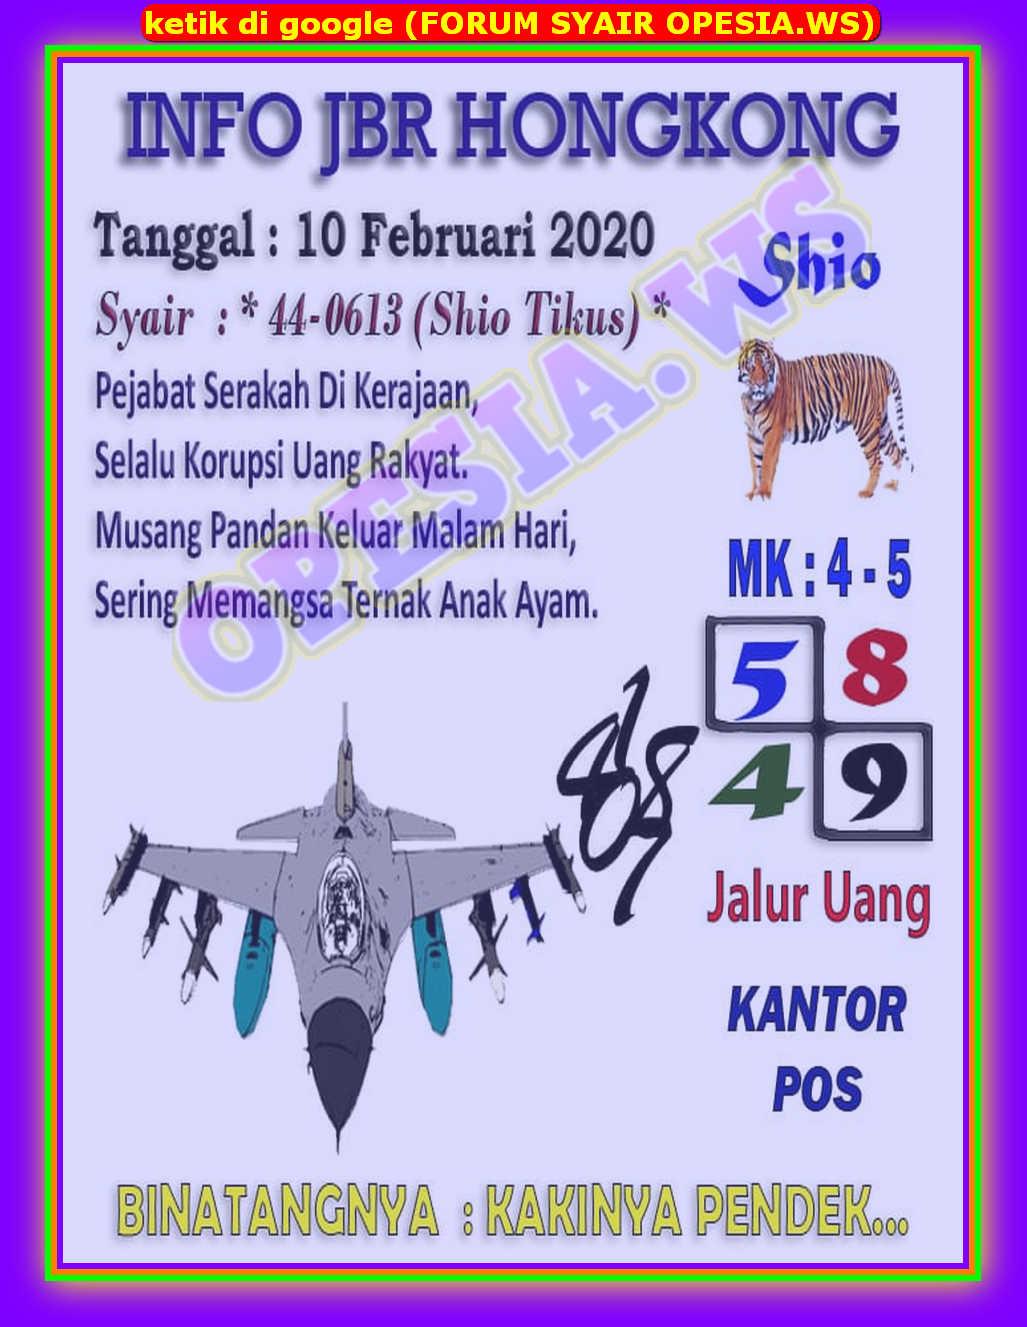 Kode syair Hongkong Senin 10 Februari 2020 2